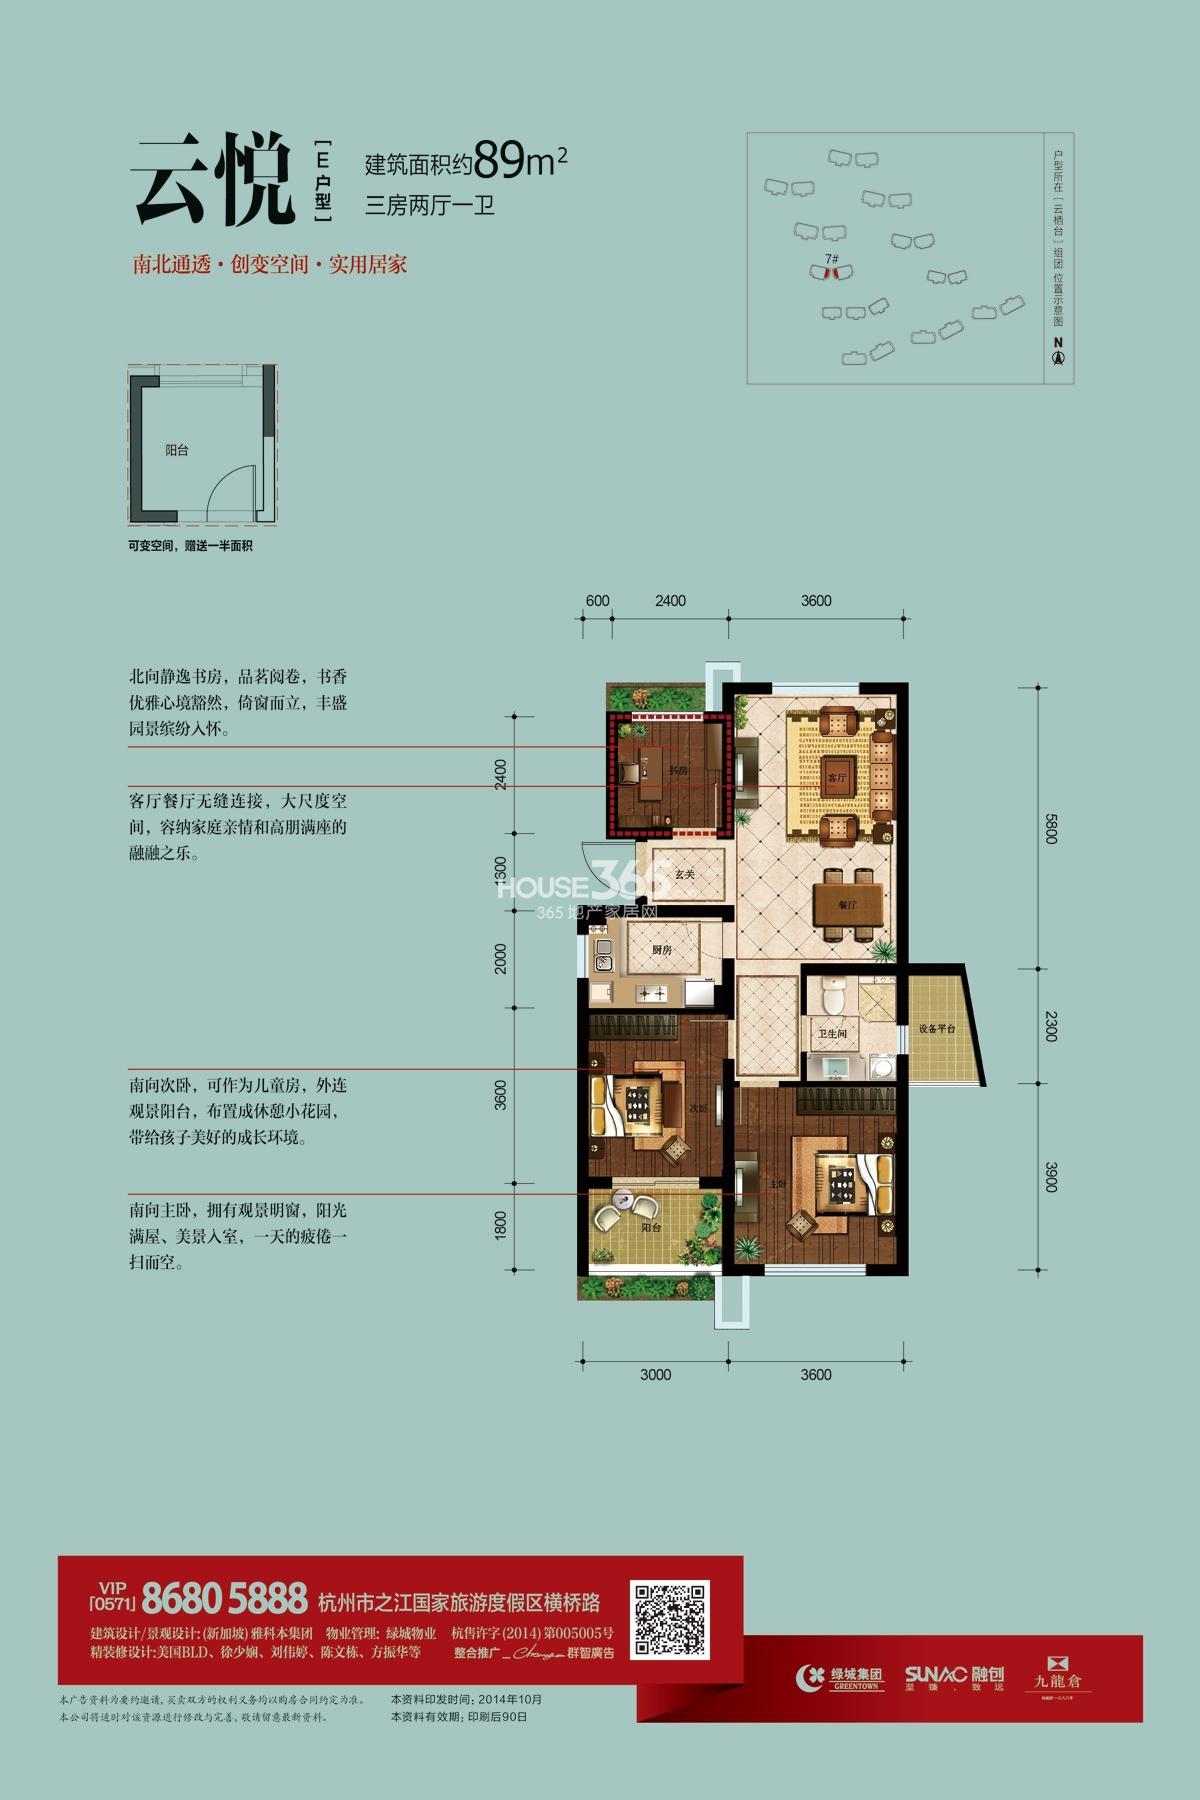 绿城之江1号东区7号楼E户型89方三房两厅一卫户型图